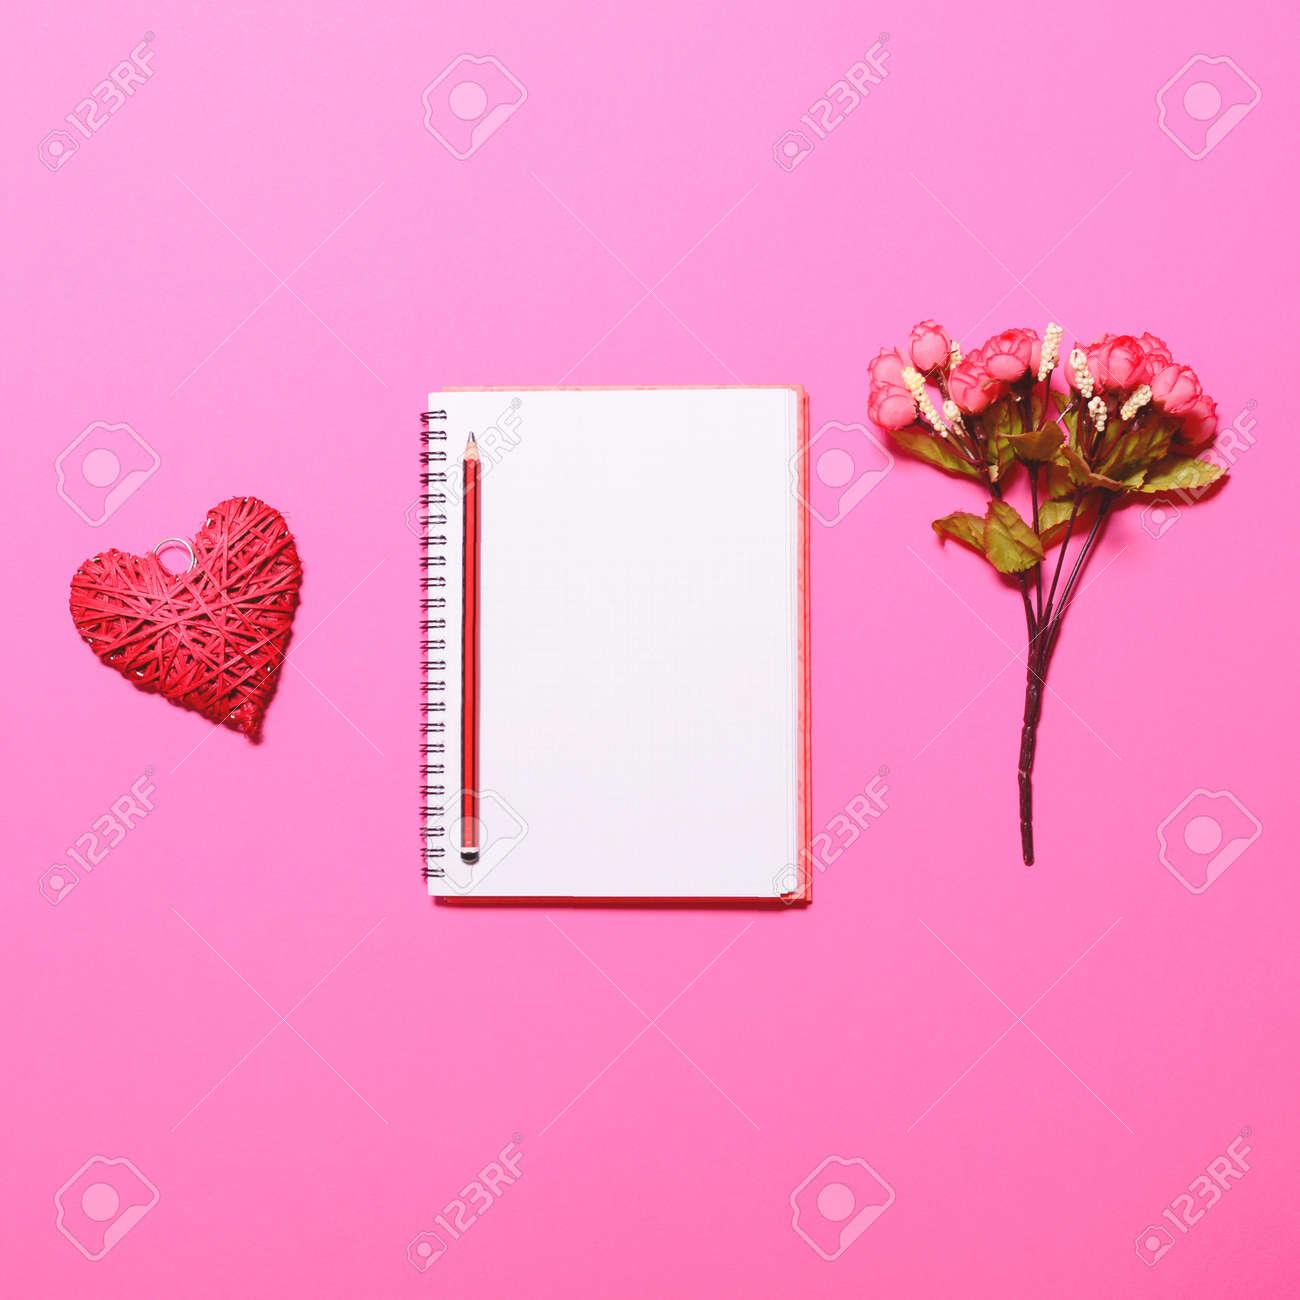 Verfasser Träumen Tabelle - Perfekter Taganfang Mit Notizbuch Und ...